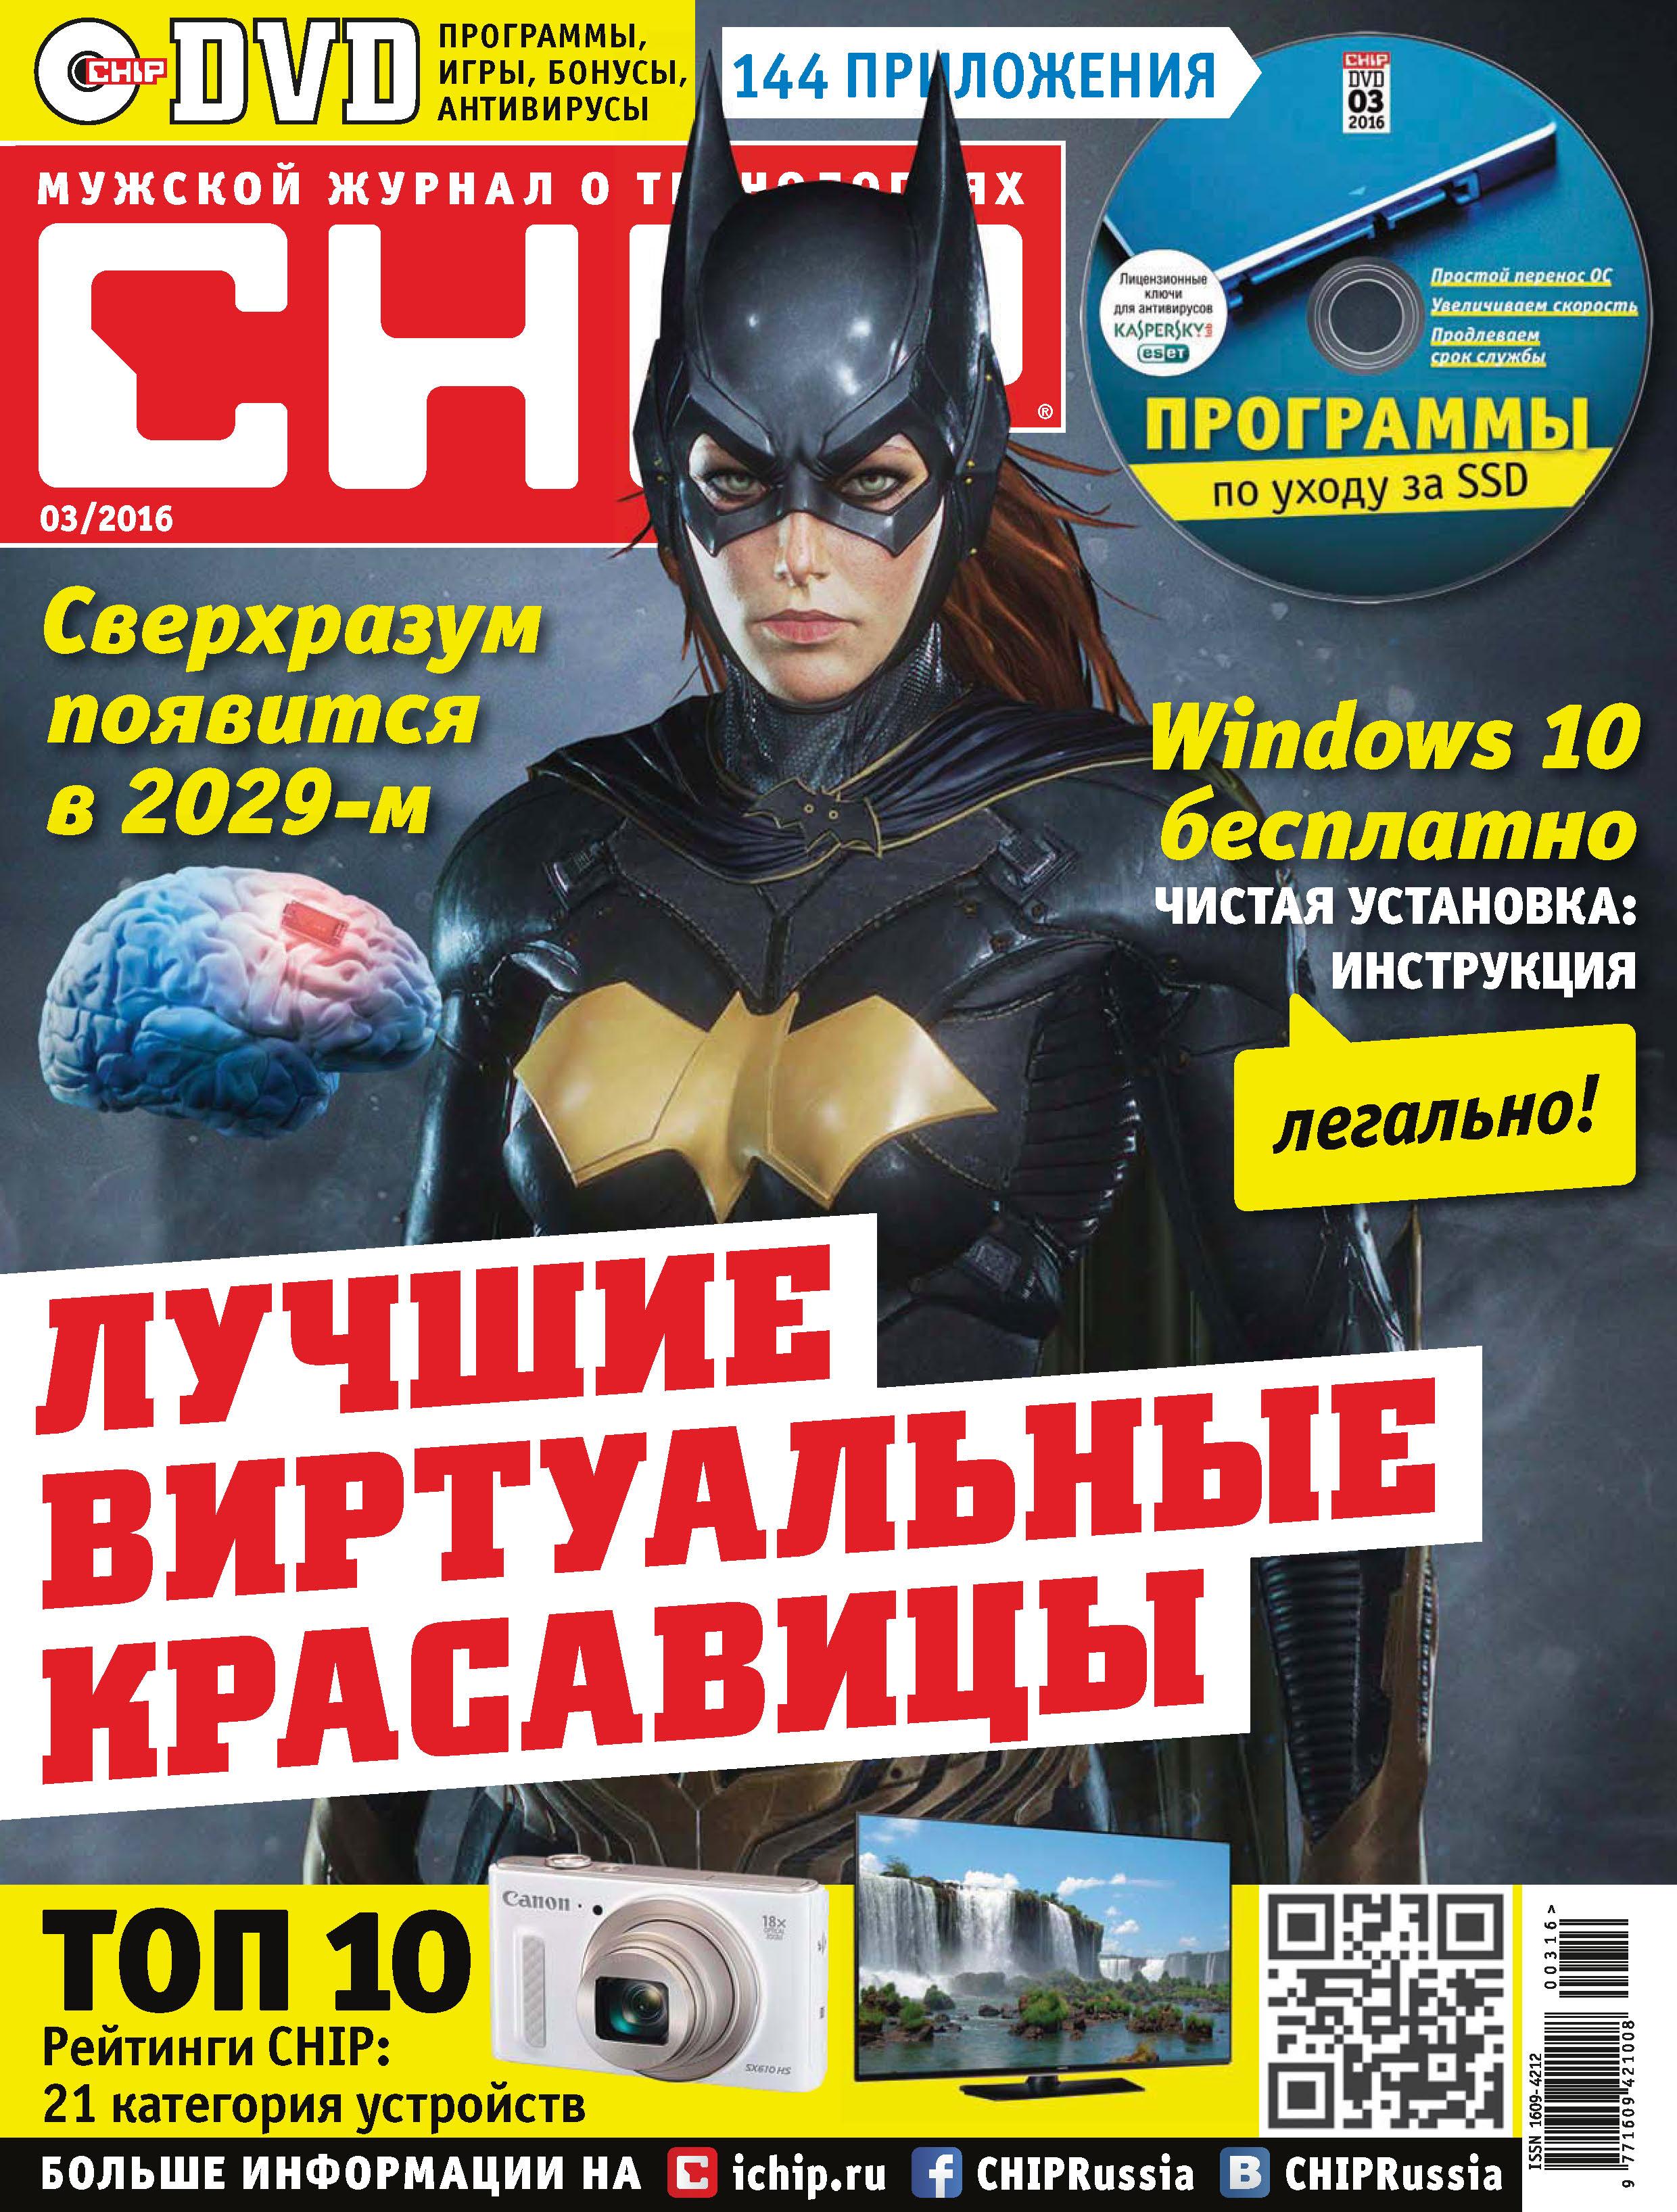 ИД «Бурда» CHIP. Журнал информационных технологий. №03/2016 ид бурда chip журнал информационных технологий 03 2015